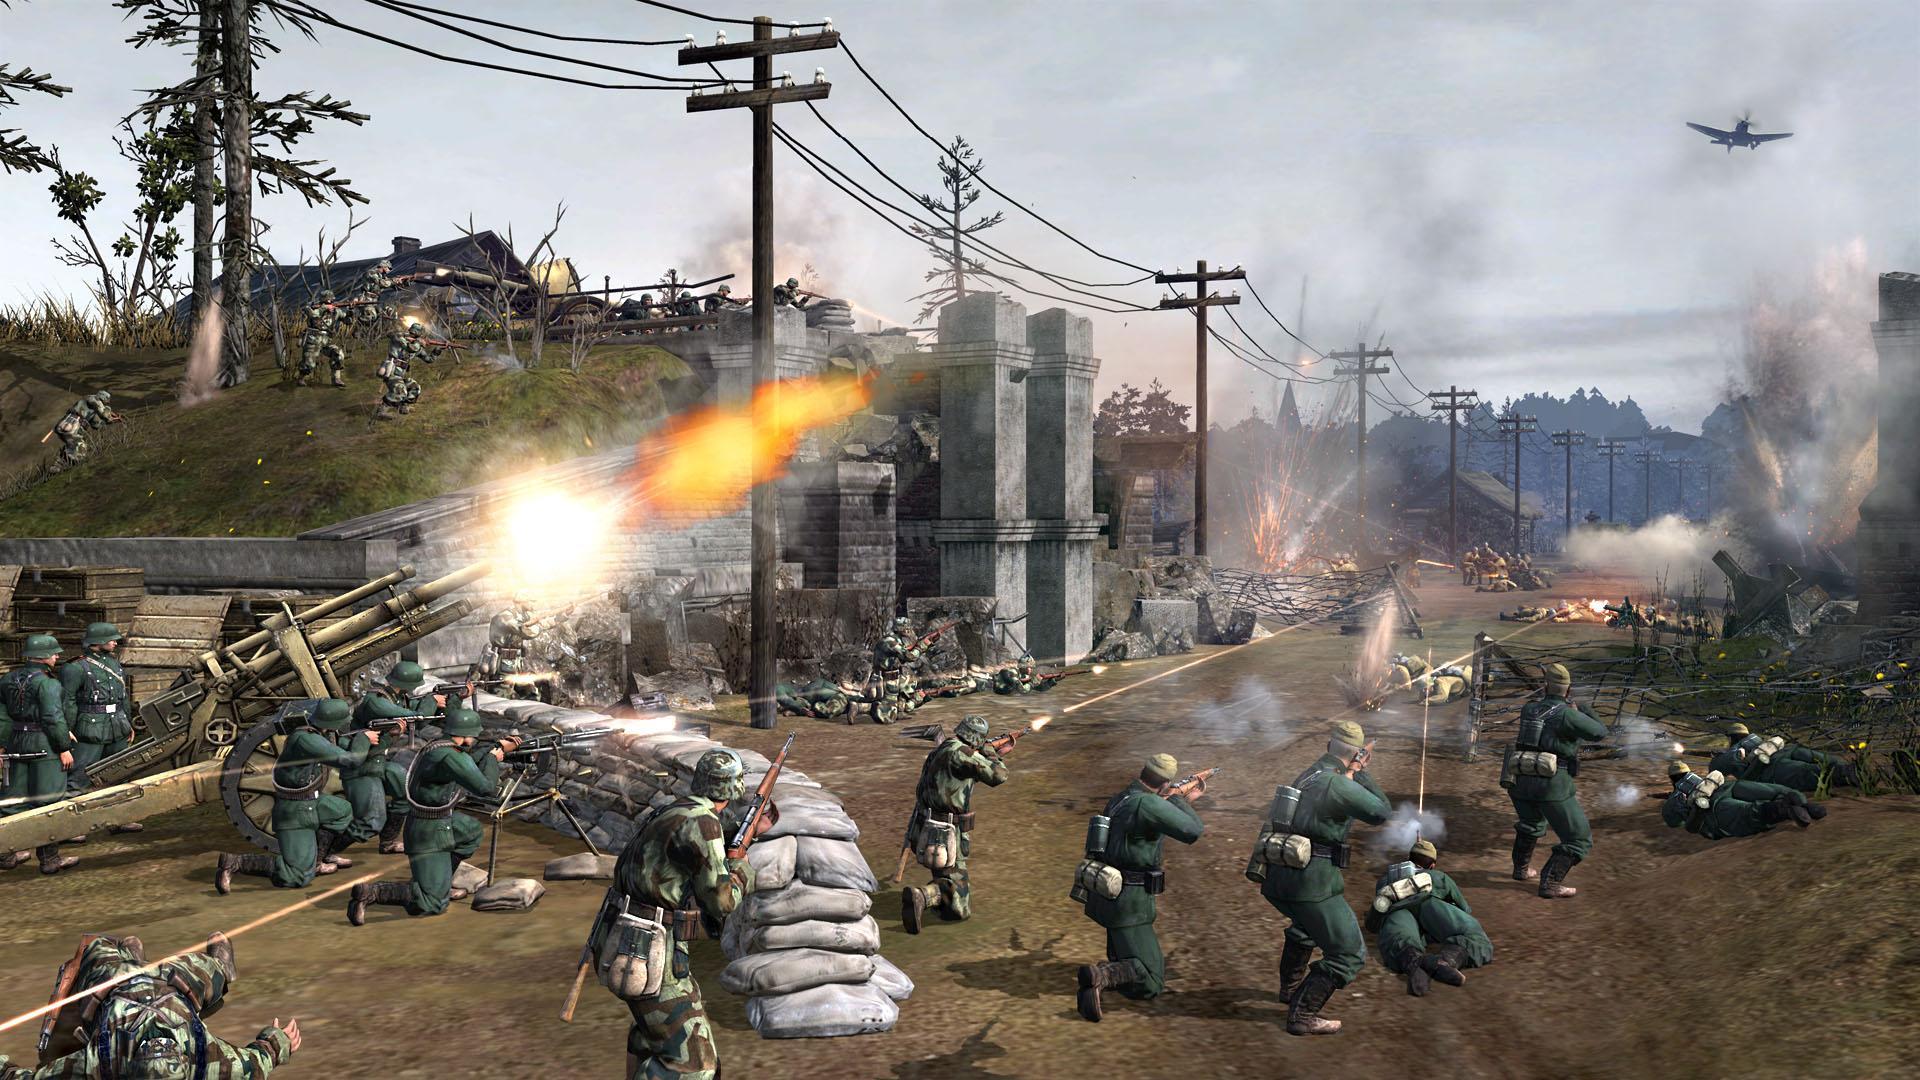 Рис. 5. Хорошее качество изображение в игре Company of Heroes 2 при использовании R9 Fury X